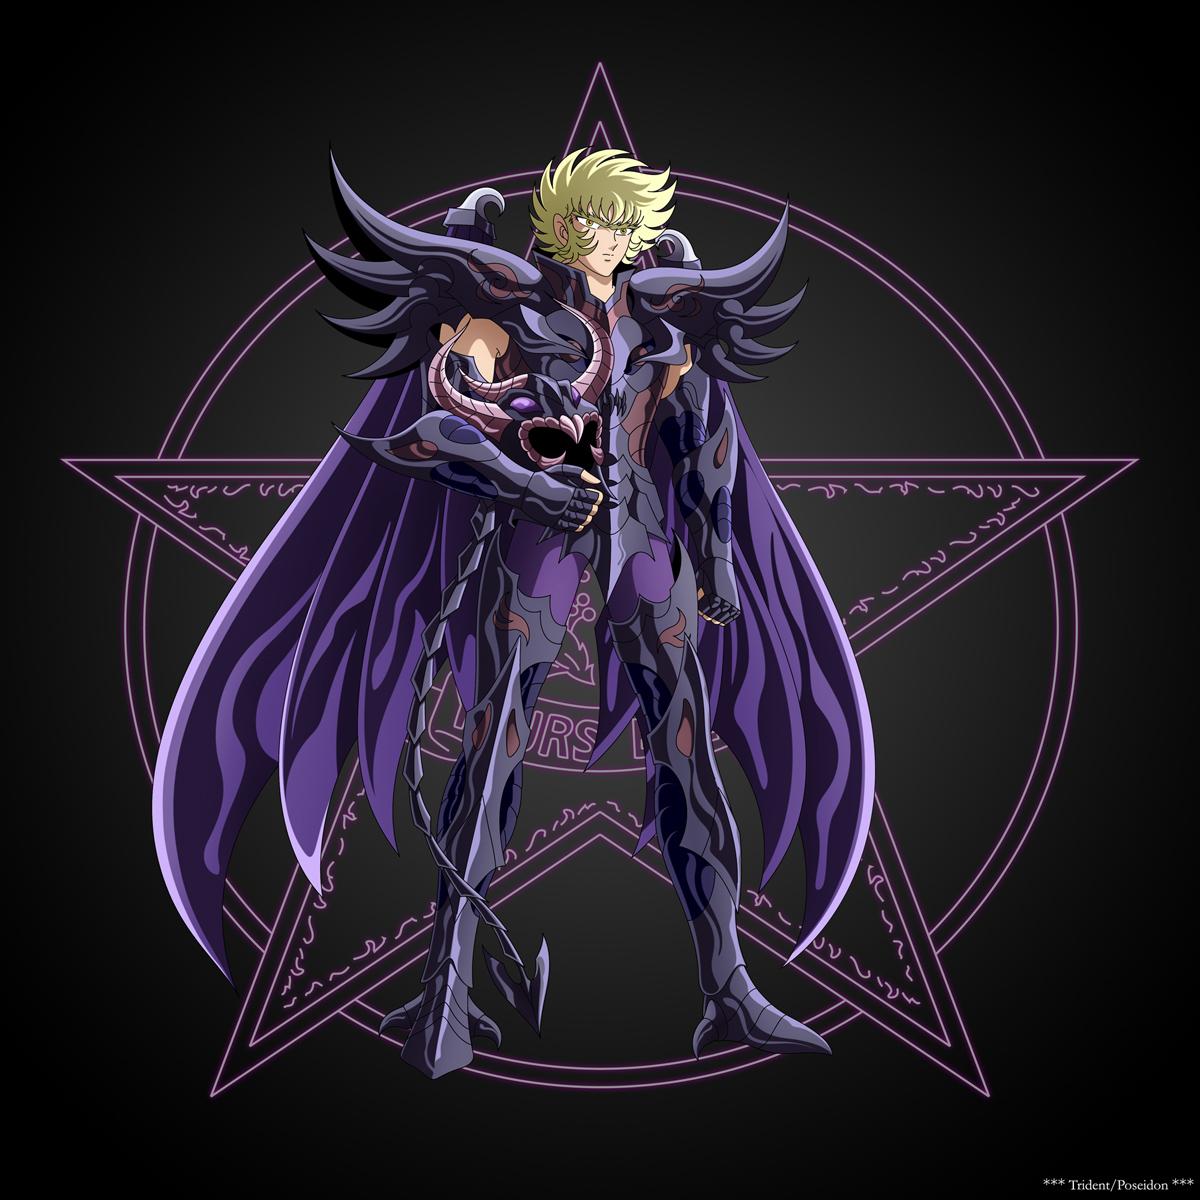 Juez del Inframundo - Radamanthys de Wyvern - Estrella Celeste de la Ferocidad PS011-Rhadamanthe